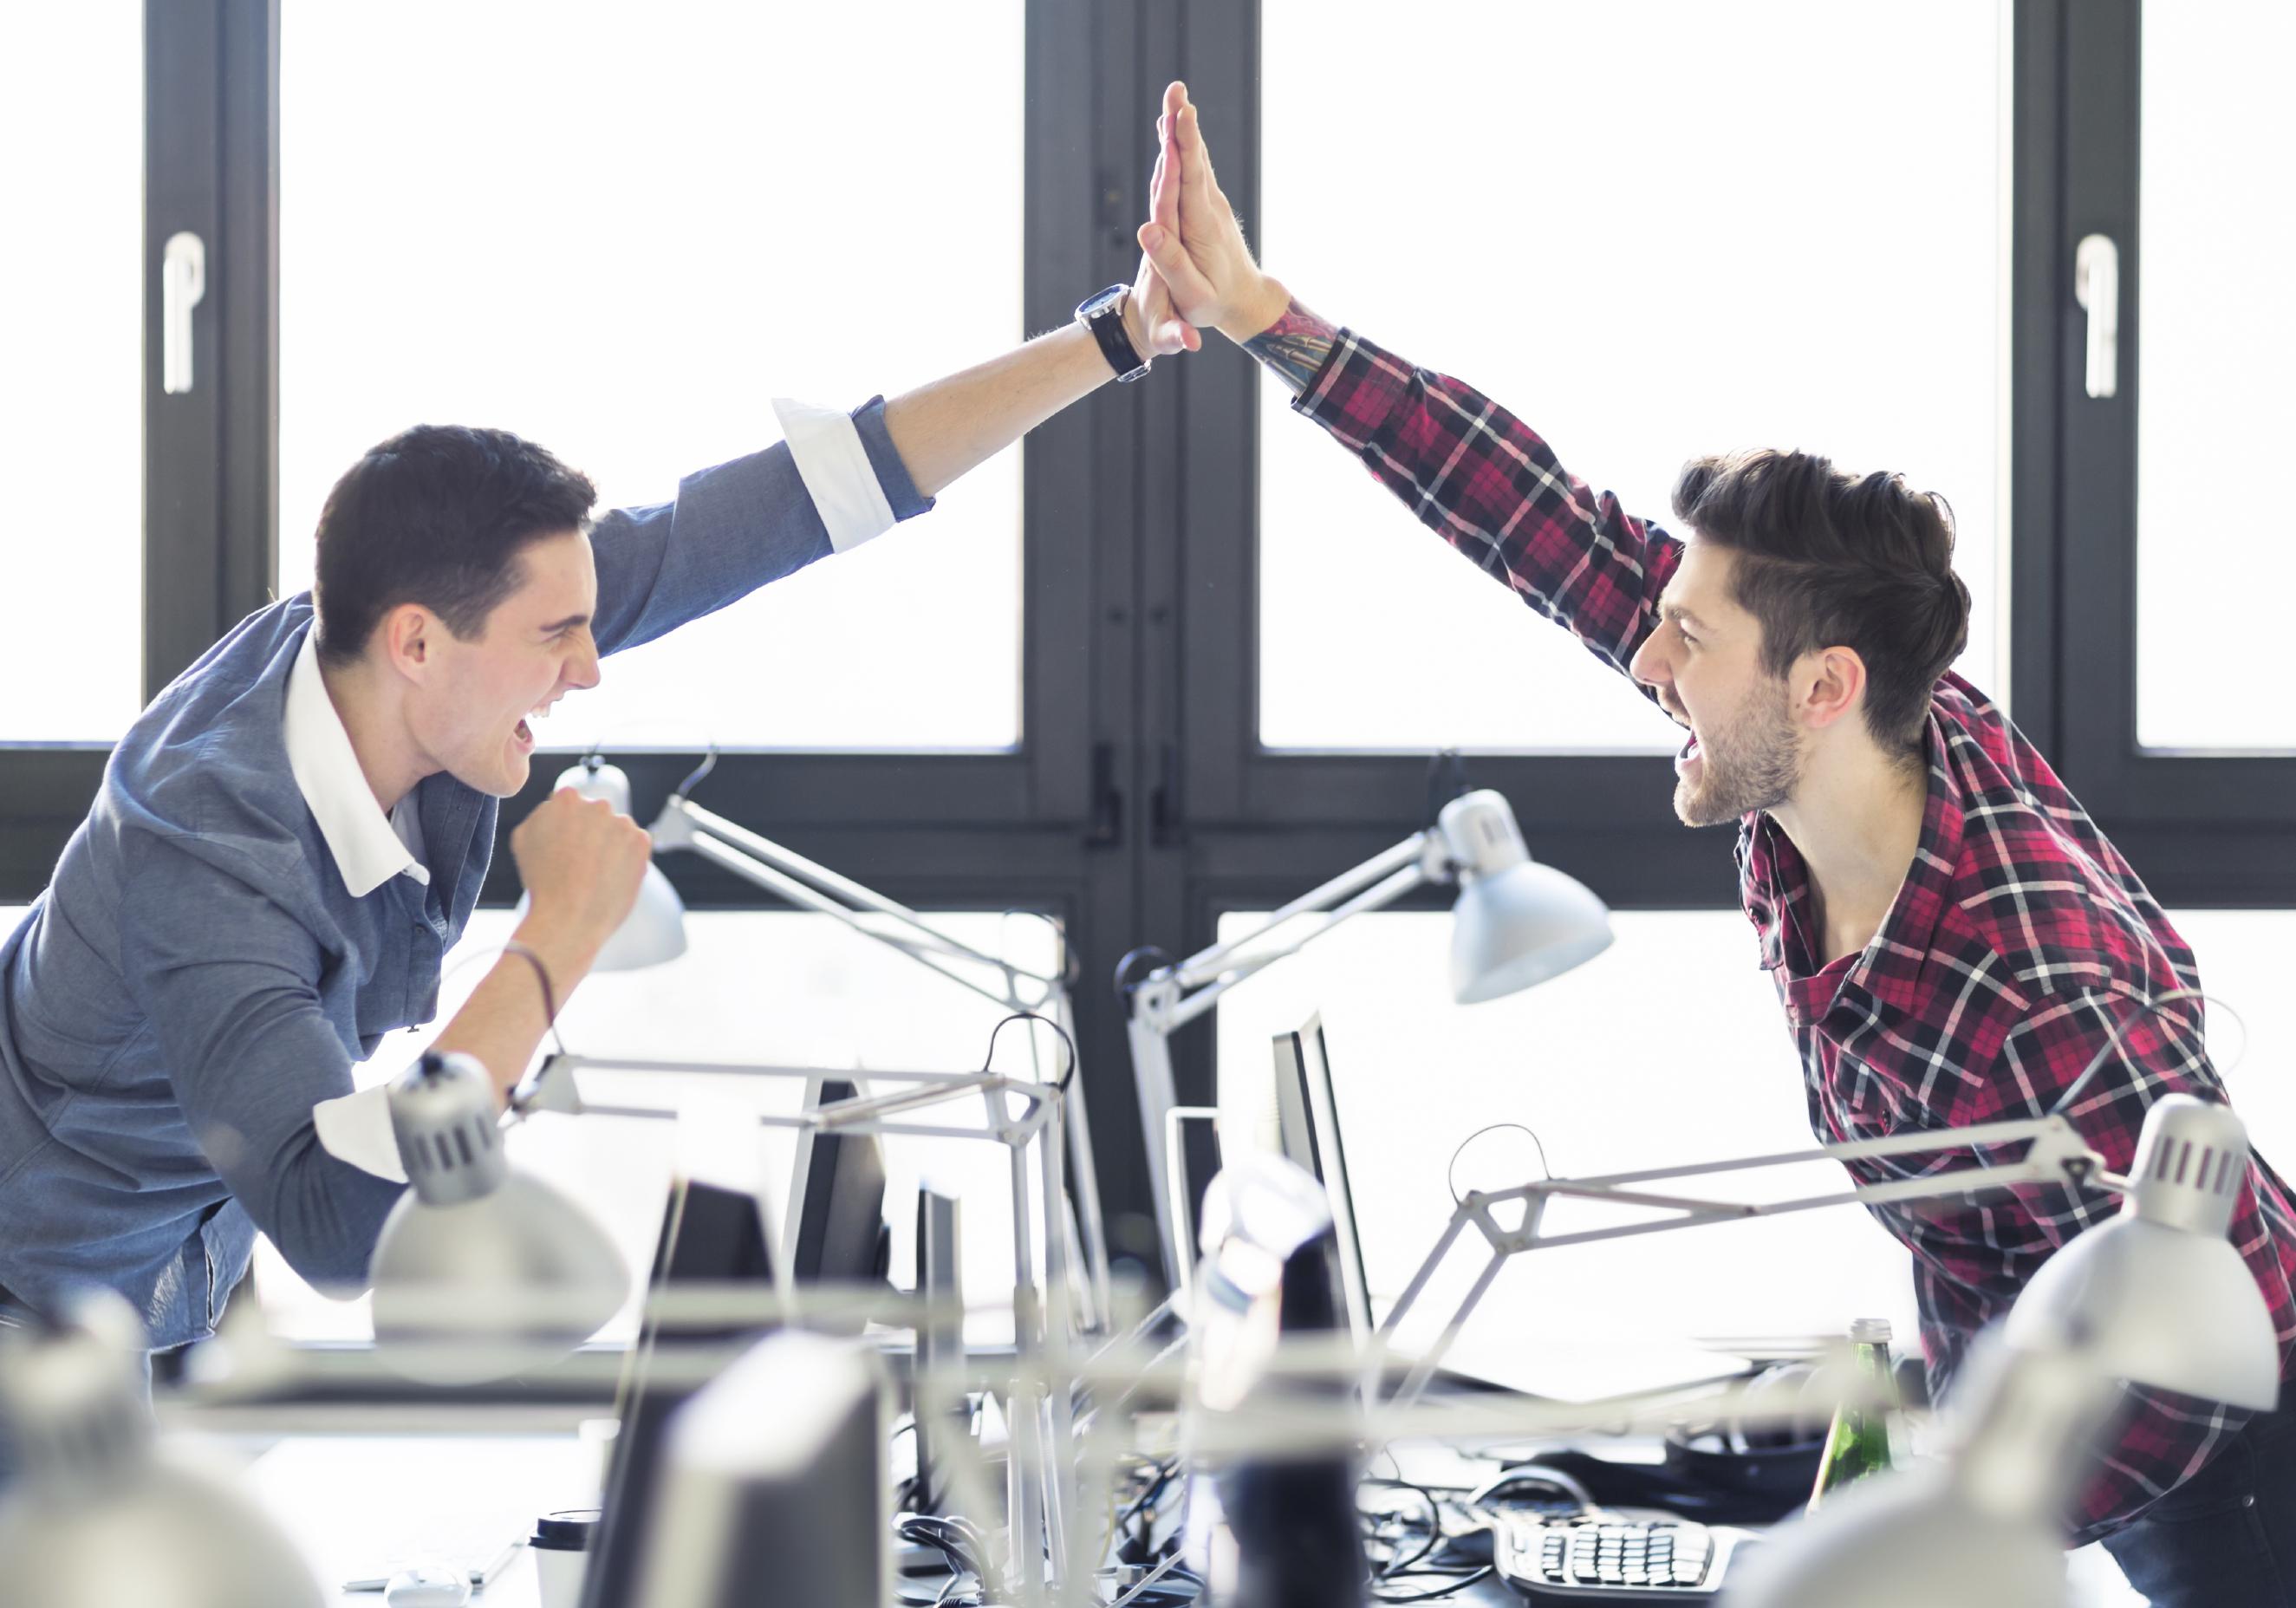 Новая возможность попасть в США - открыть успешный стартап. Фото: academy.betahaus.com